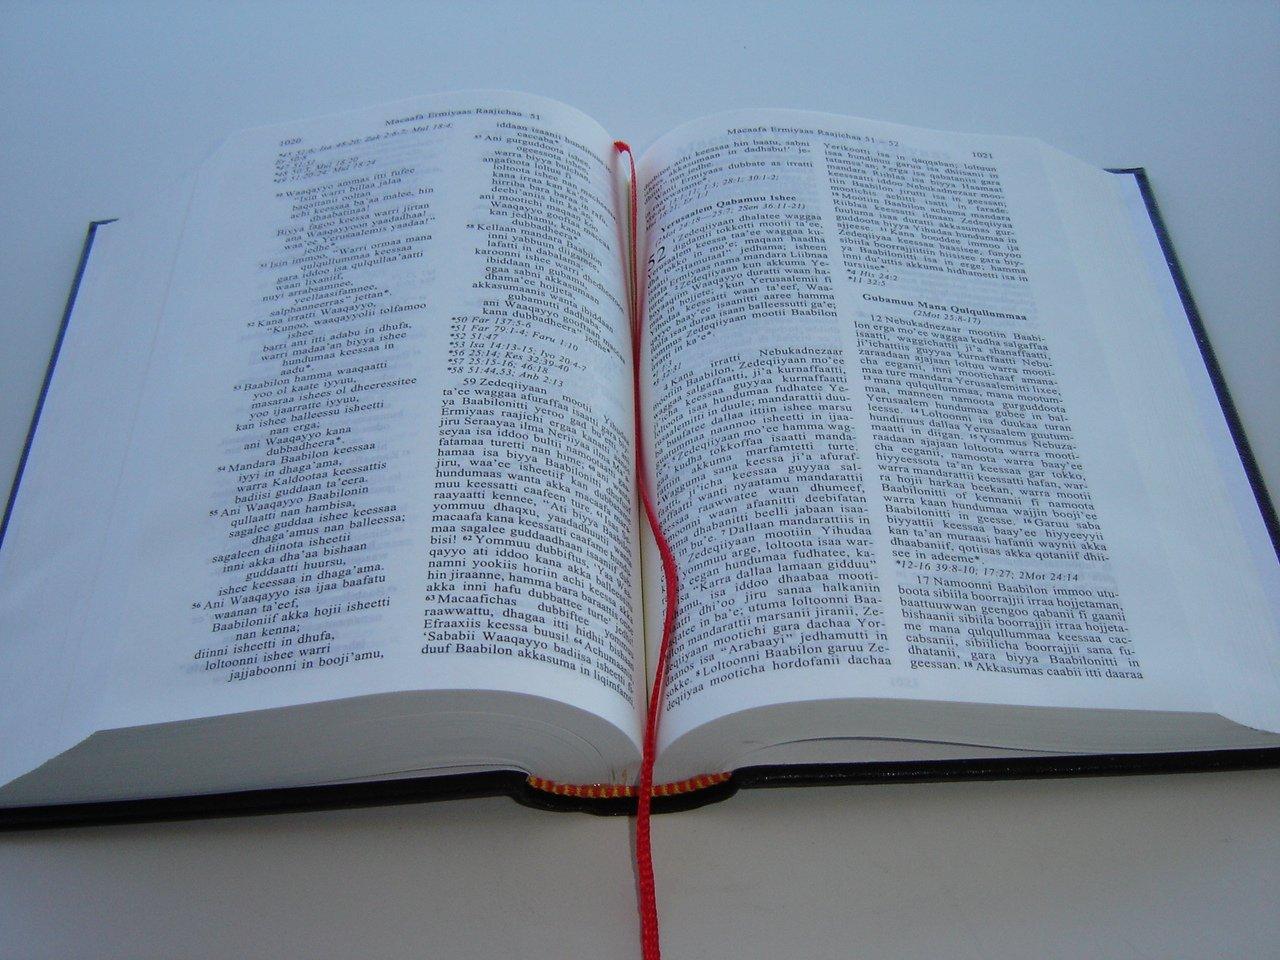 Bible in Oromo Language / Macaafa Qulqulluu / Affan Oromoo / Hiikan